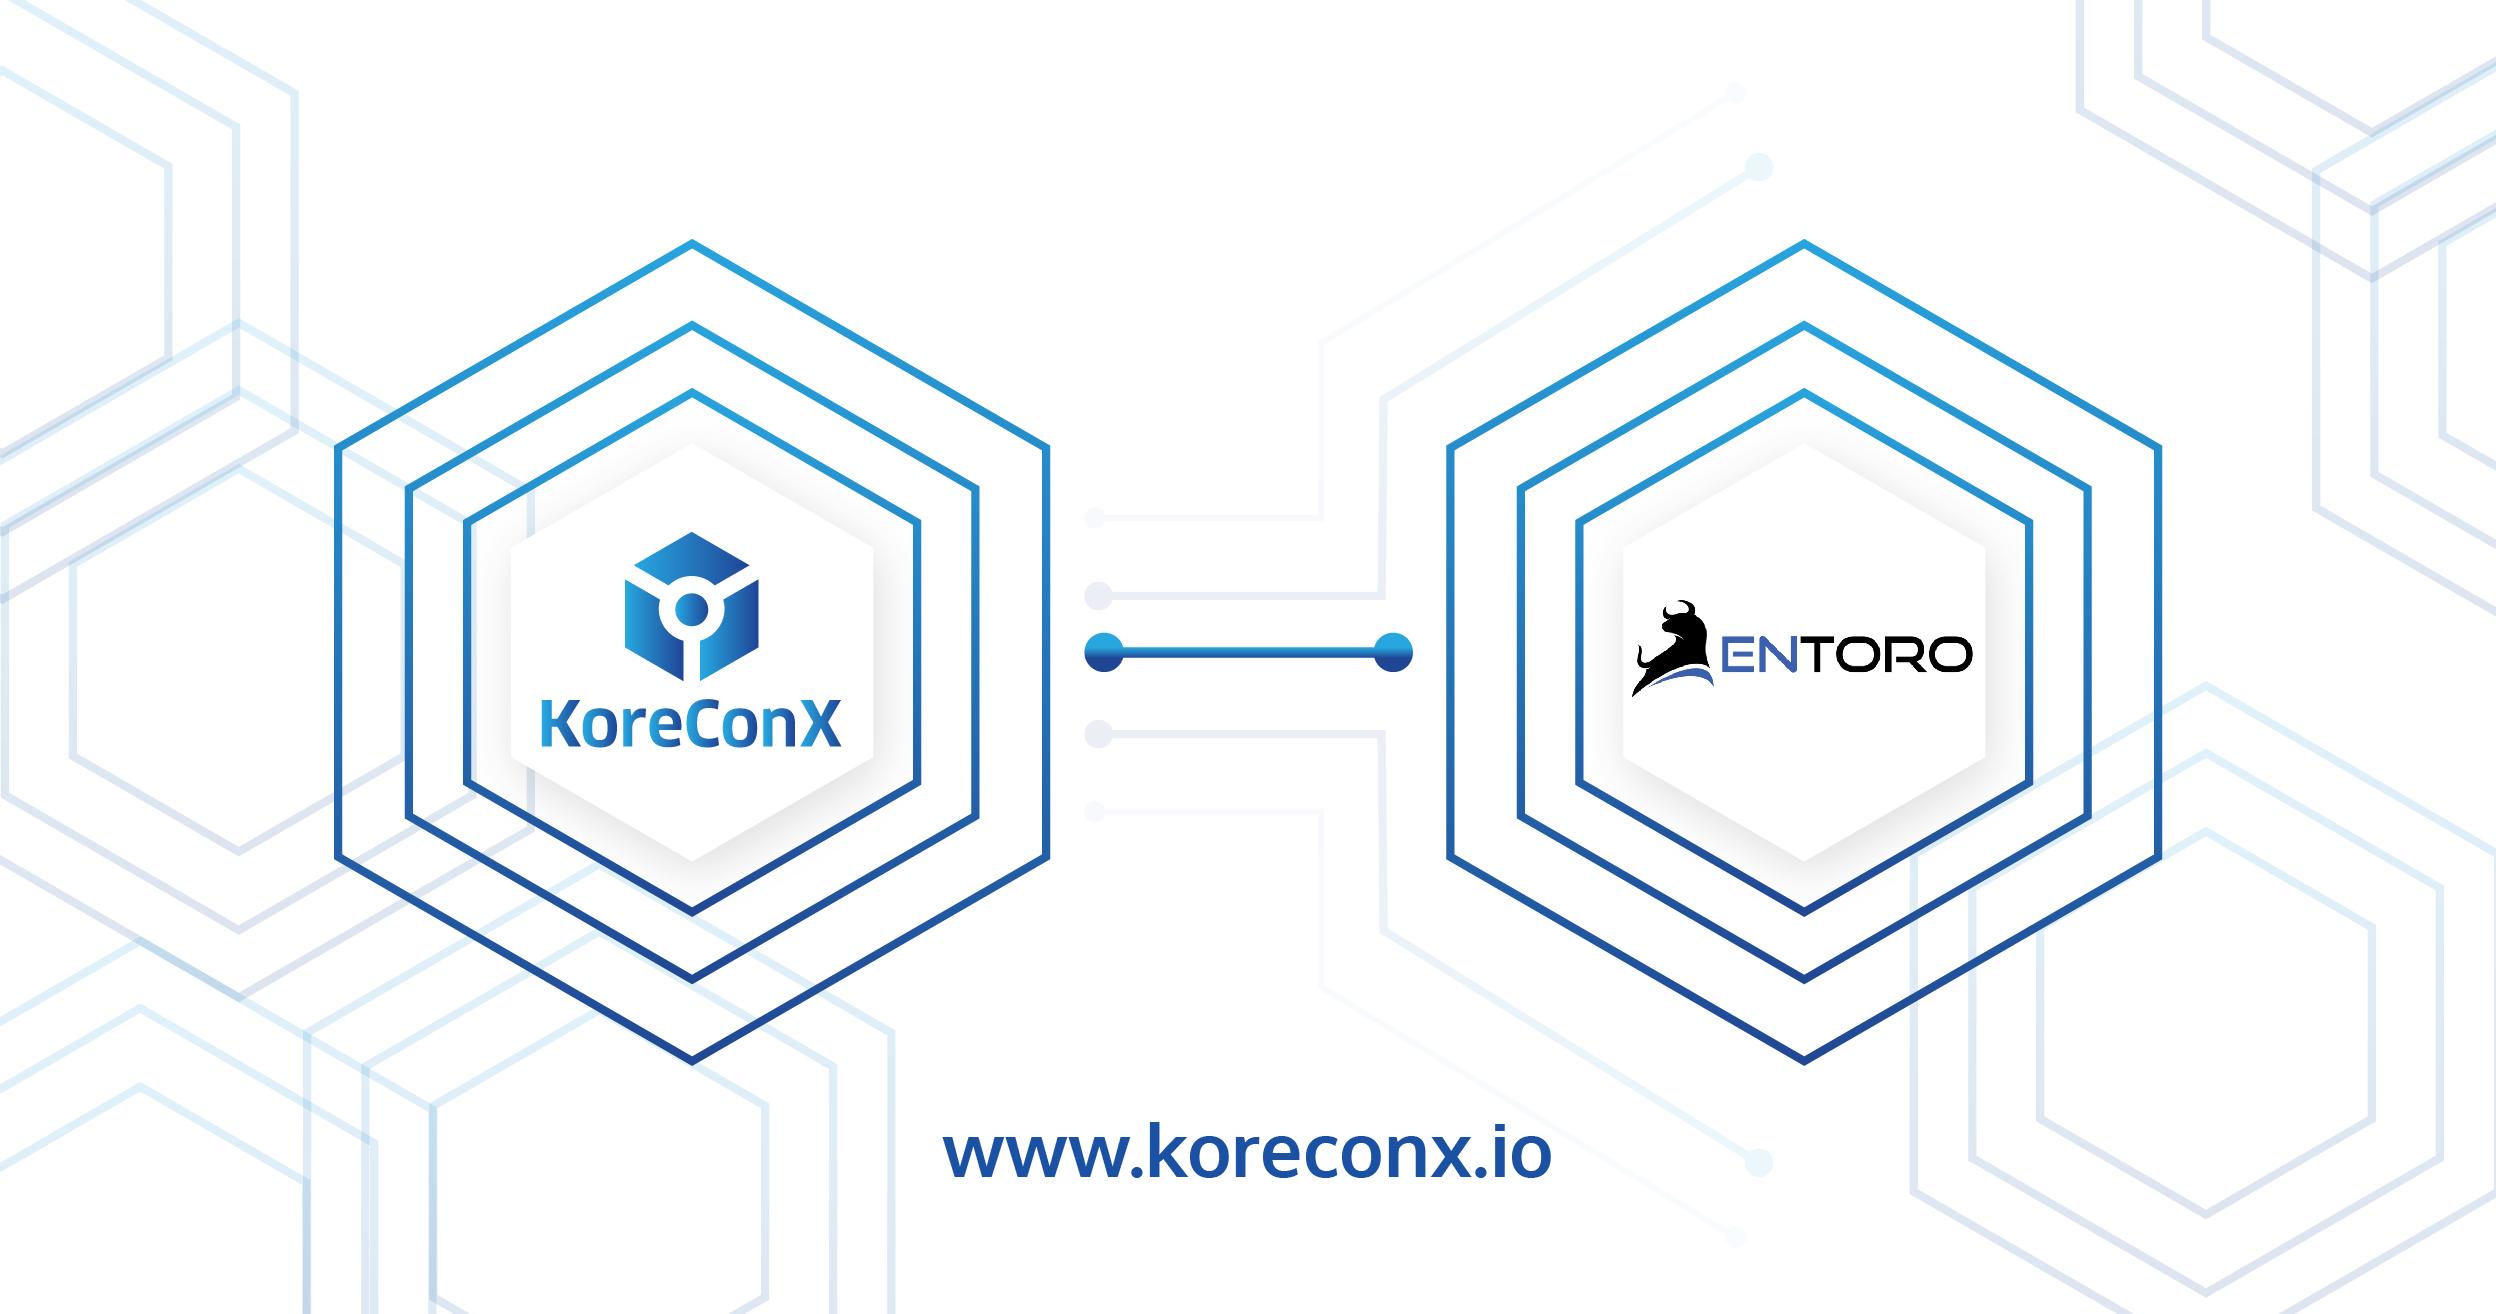 KoreConX ENTORO